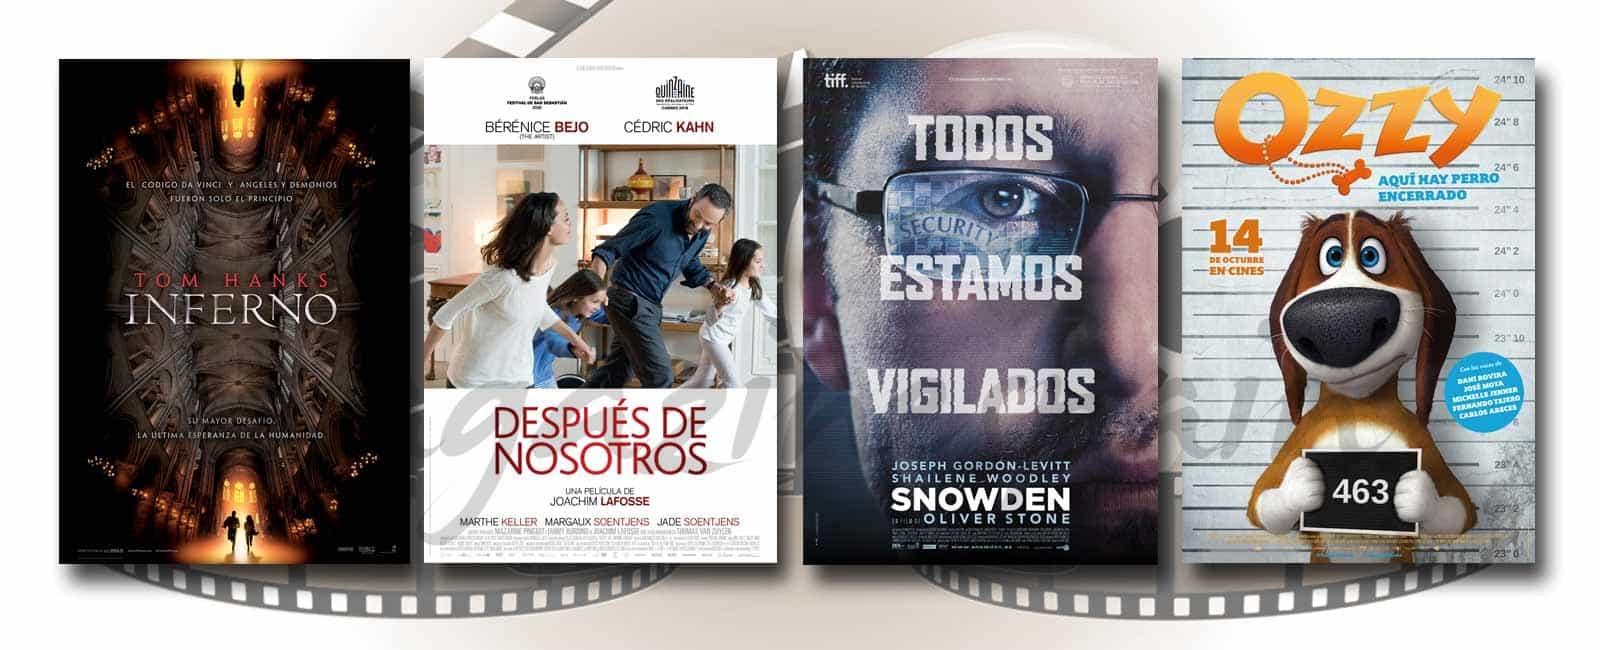 Estrenos de Cine de la Semana… 14 de Octubre de 2016